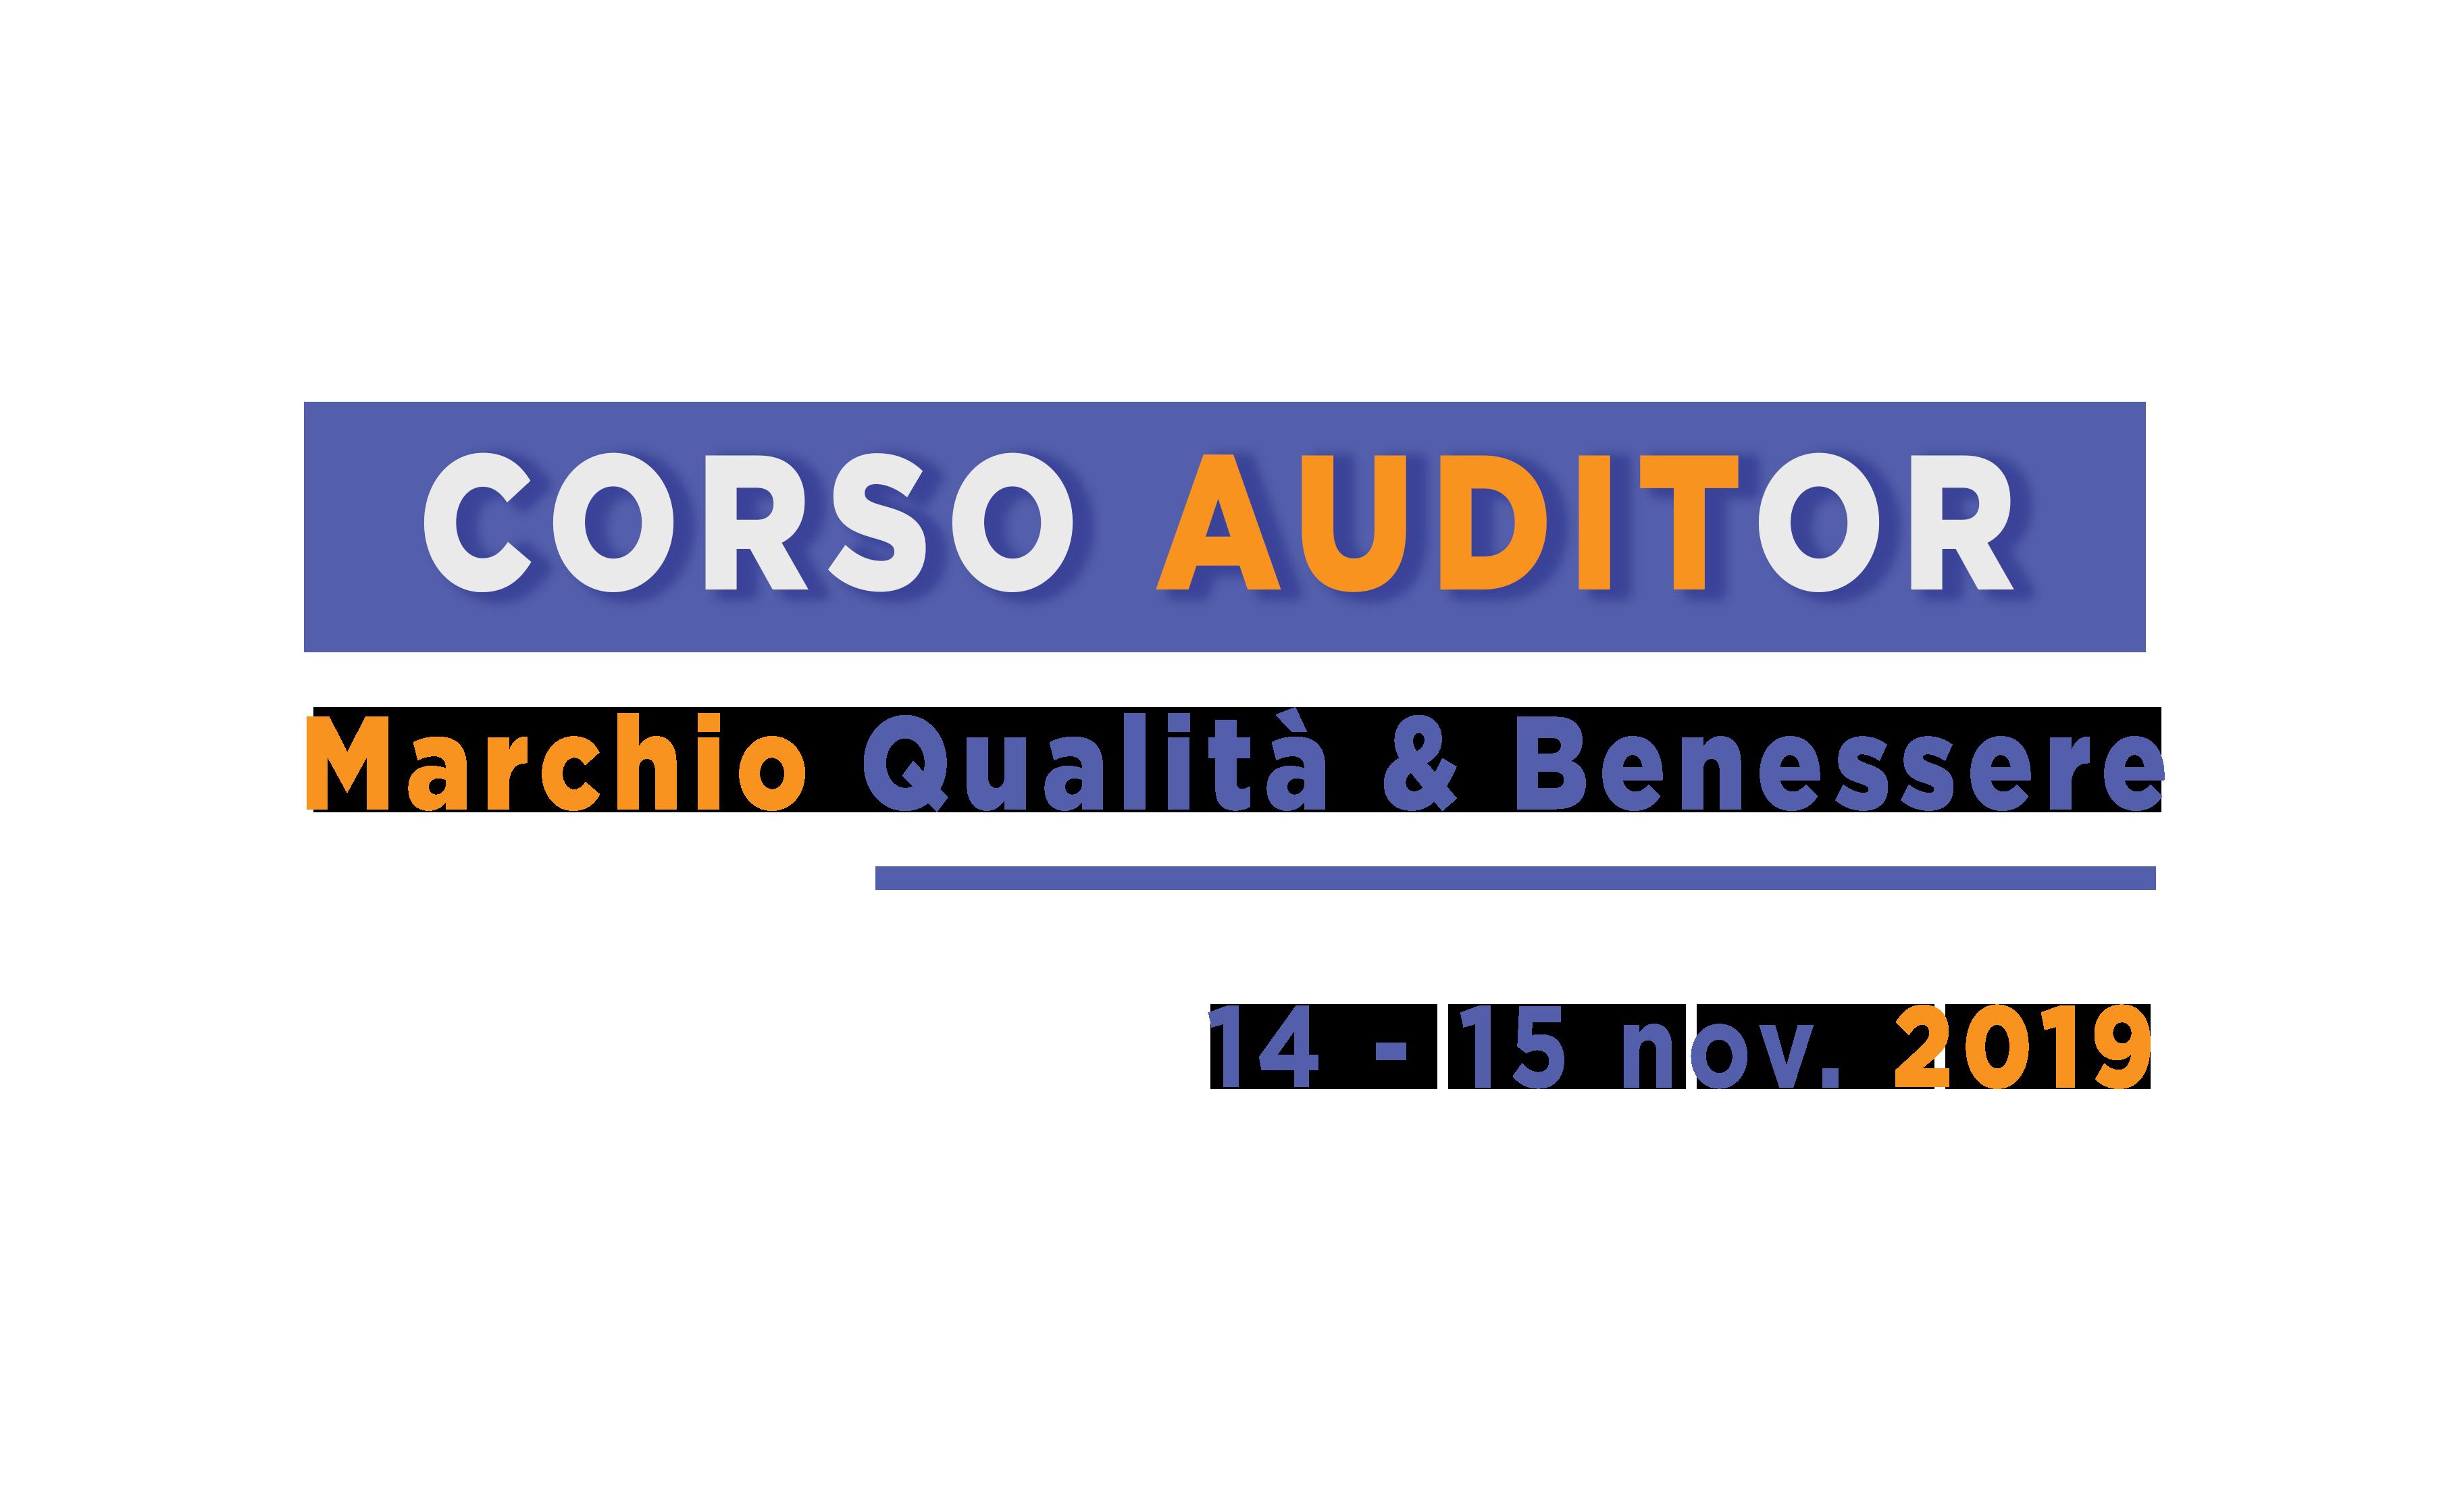 Corso Auditor